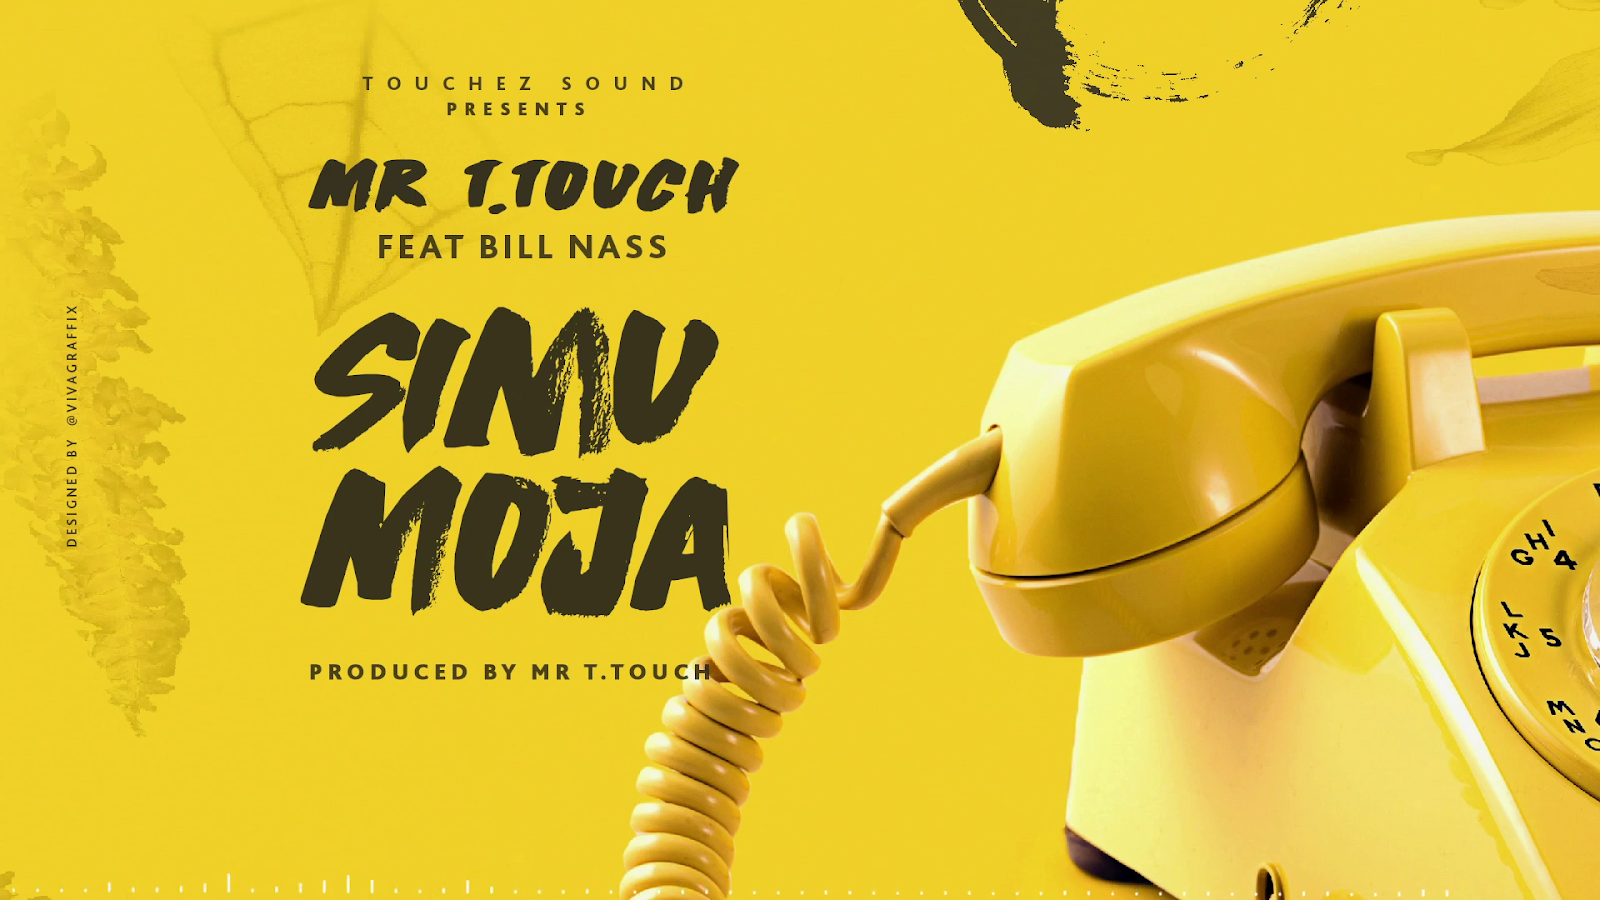 Ngombozi.com